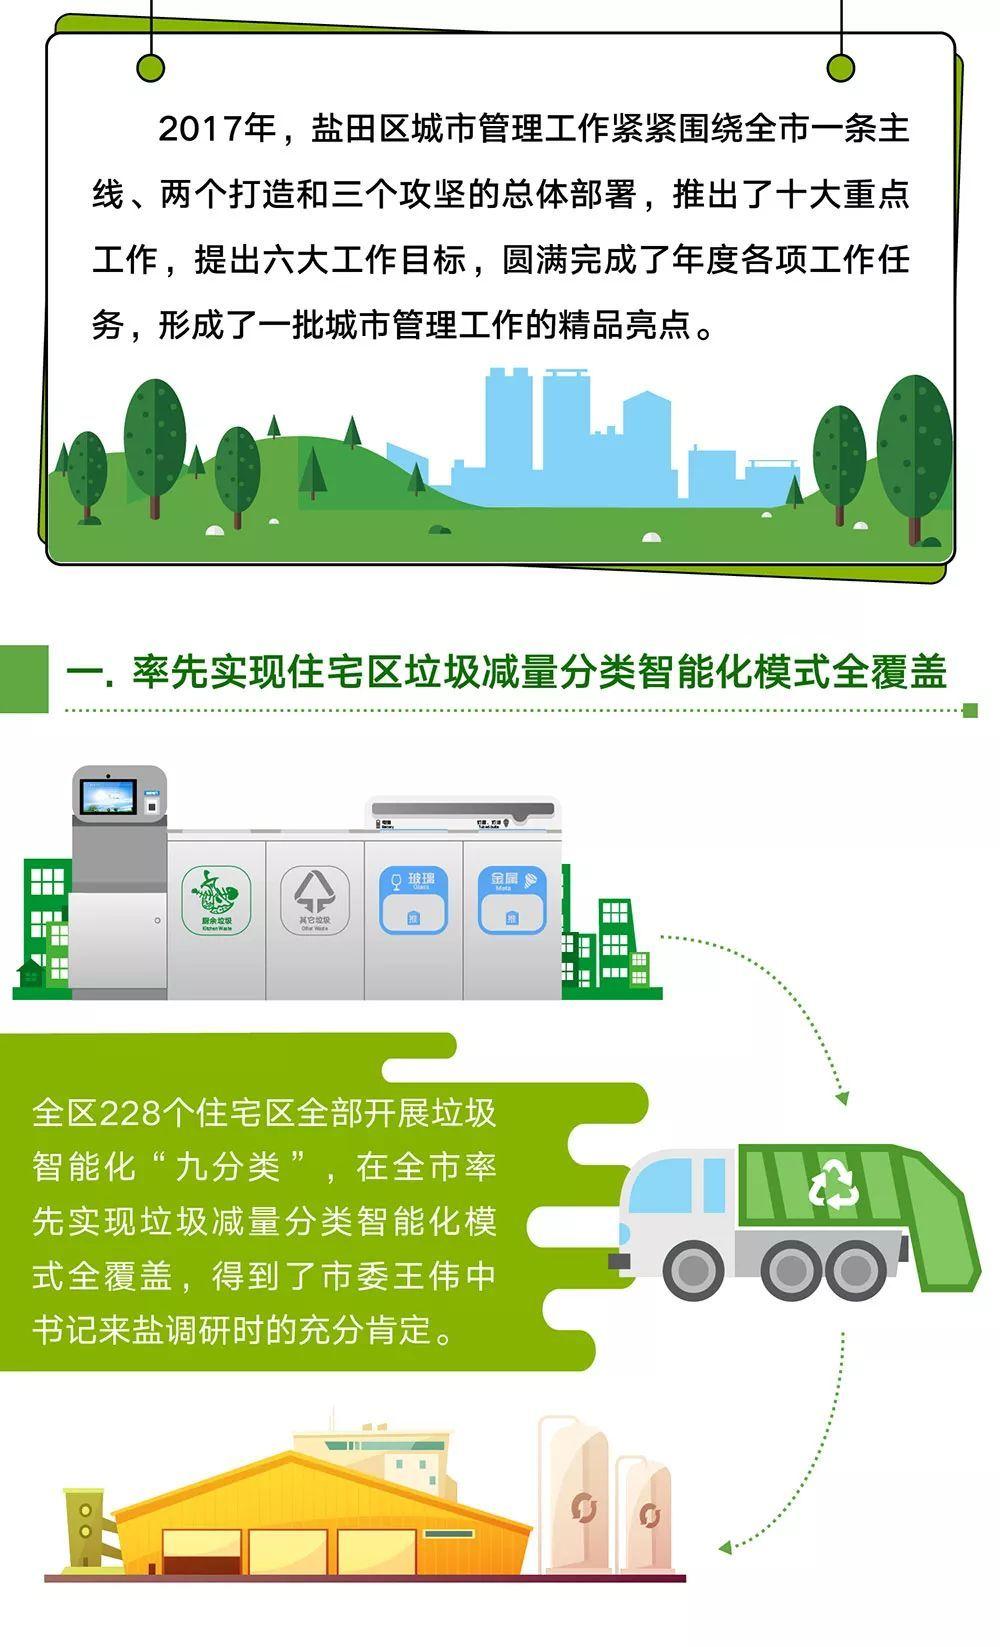 """【区事】市容环境综合考核""""六连冠""""之后 这个区又有新动作"""